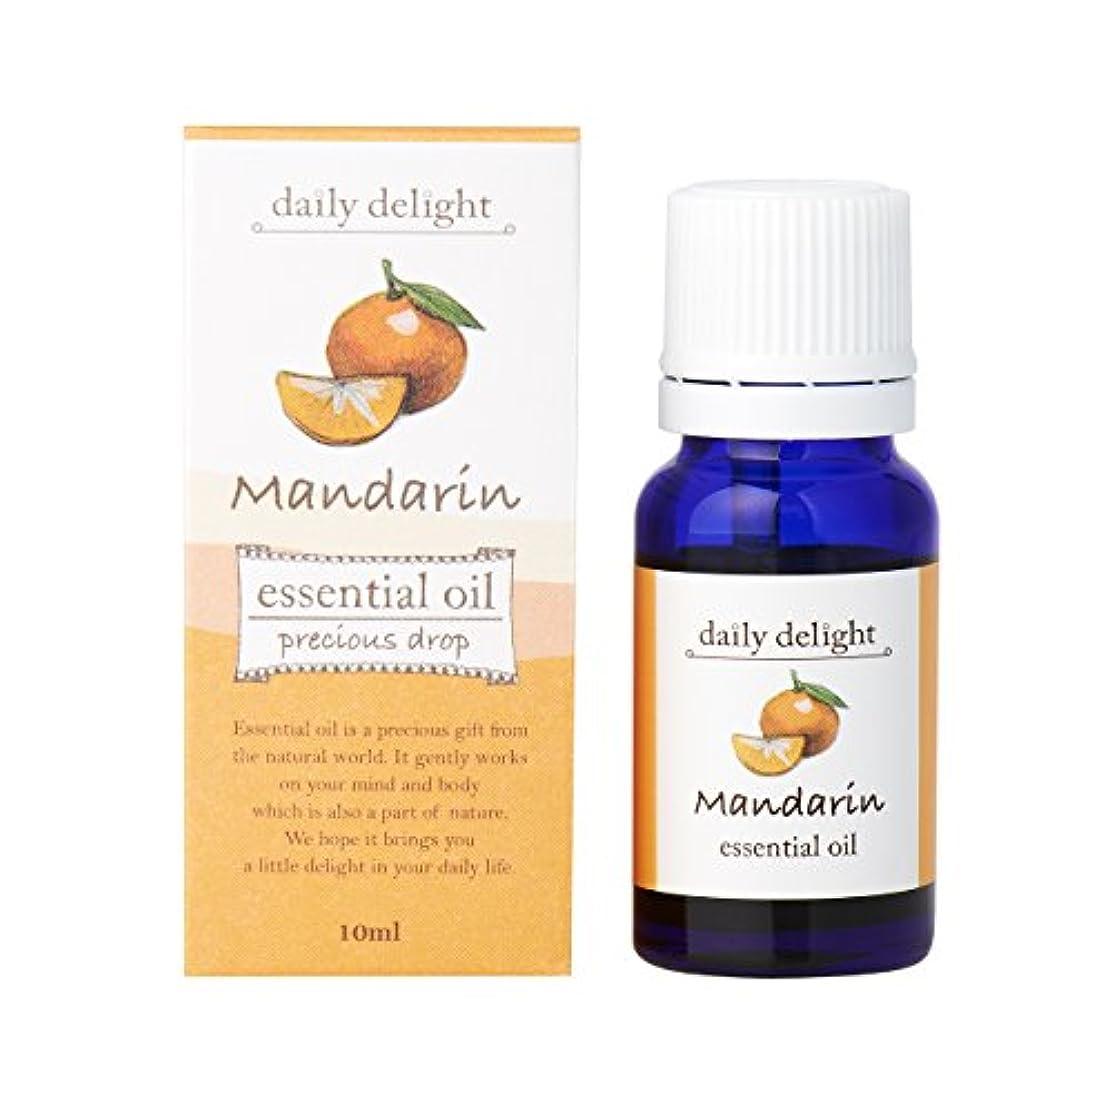 逆さまにグリット肺炎デイリーディライト エッセンシャルオイル  マンダリン 10ml(天然100% 精油 アロマ 柑橘系 オレンジに似ているがより穏やかで落ち着いた印象の香り)